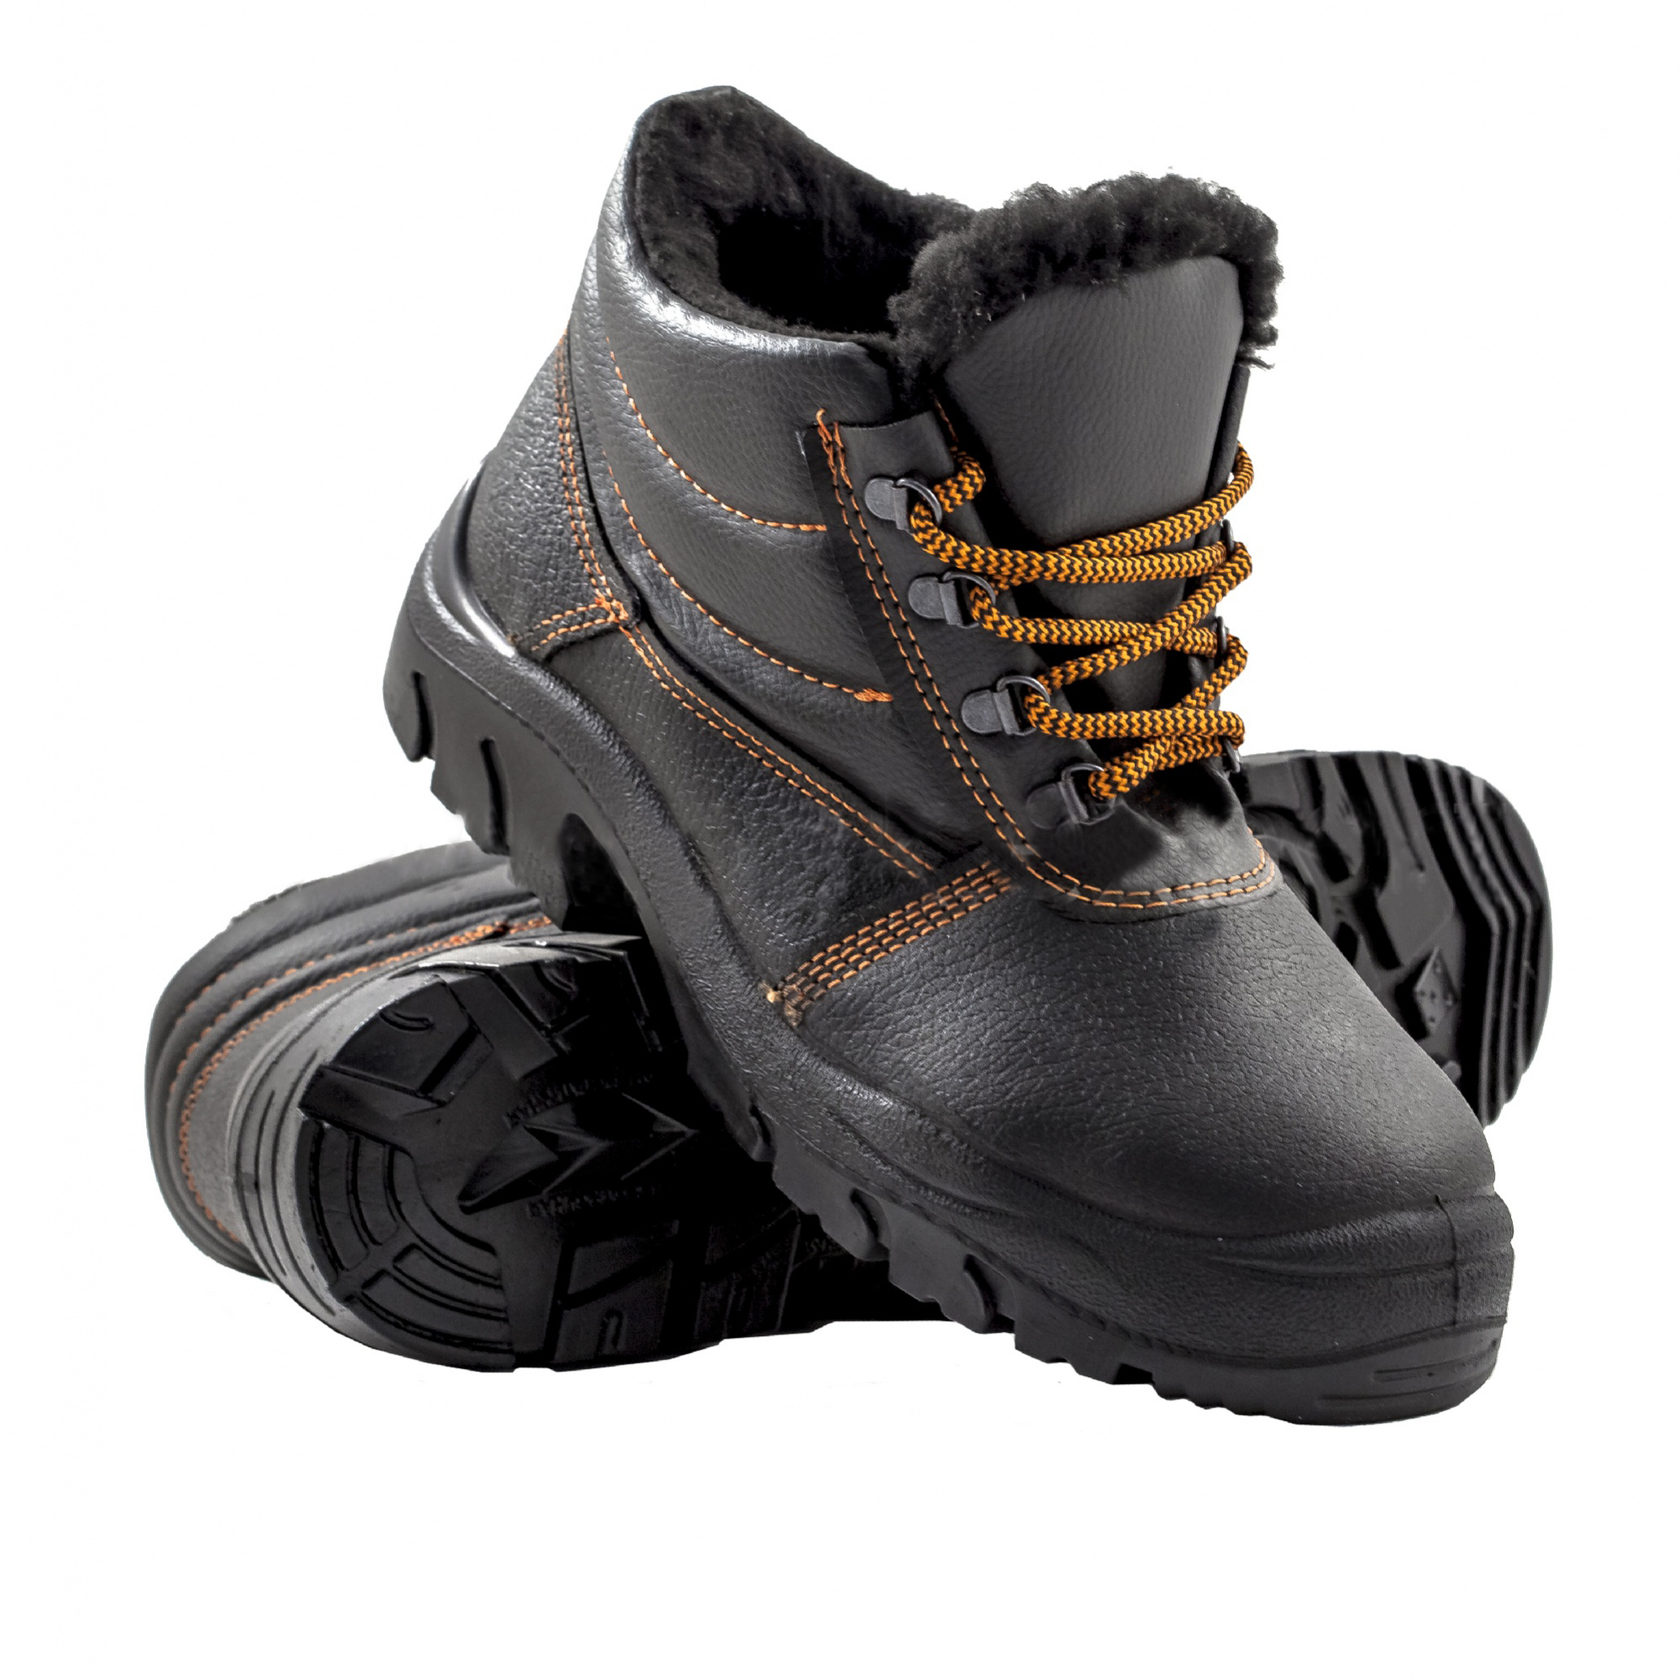 ботинки практик купить казань дешево ботинки рабочие спецодежда